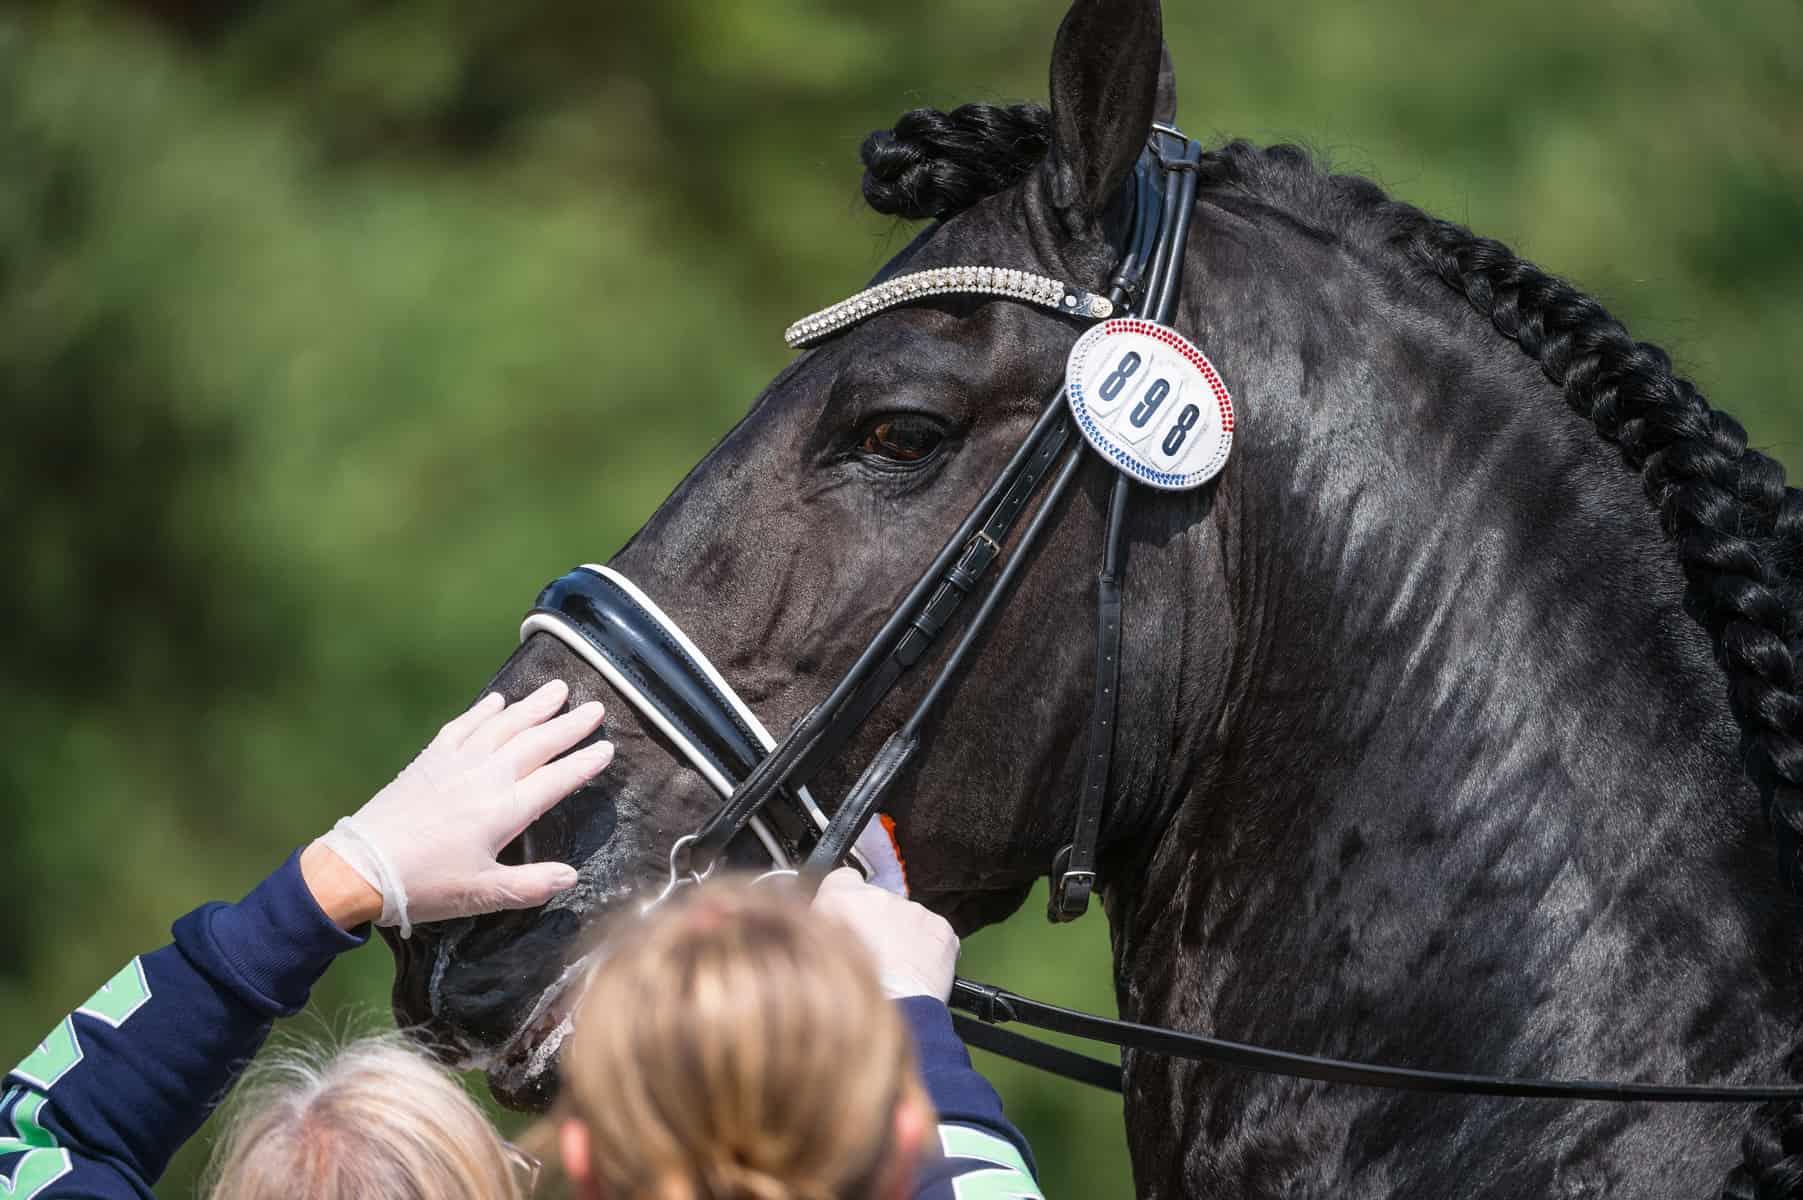 Conteúdo relacionado: Welfare Over Winning: Protegendo o bem-estar do cavalo Show